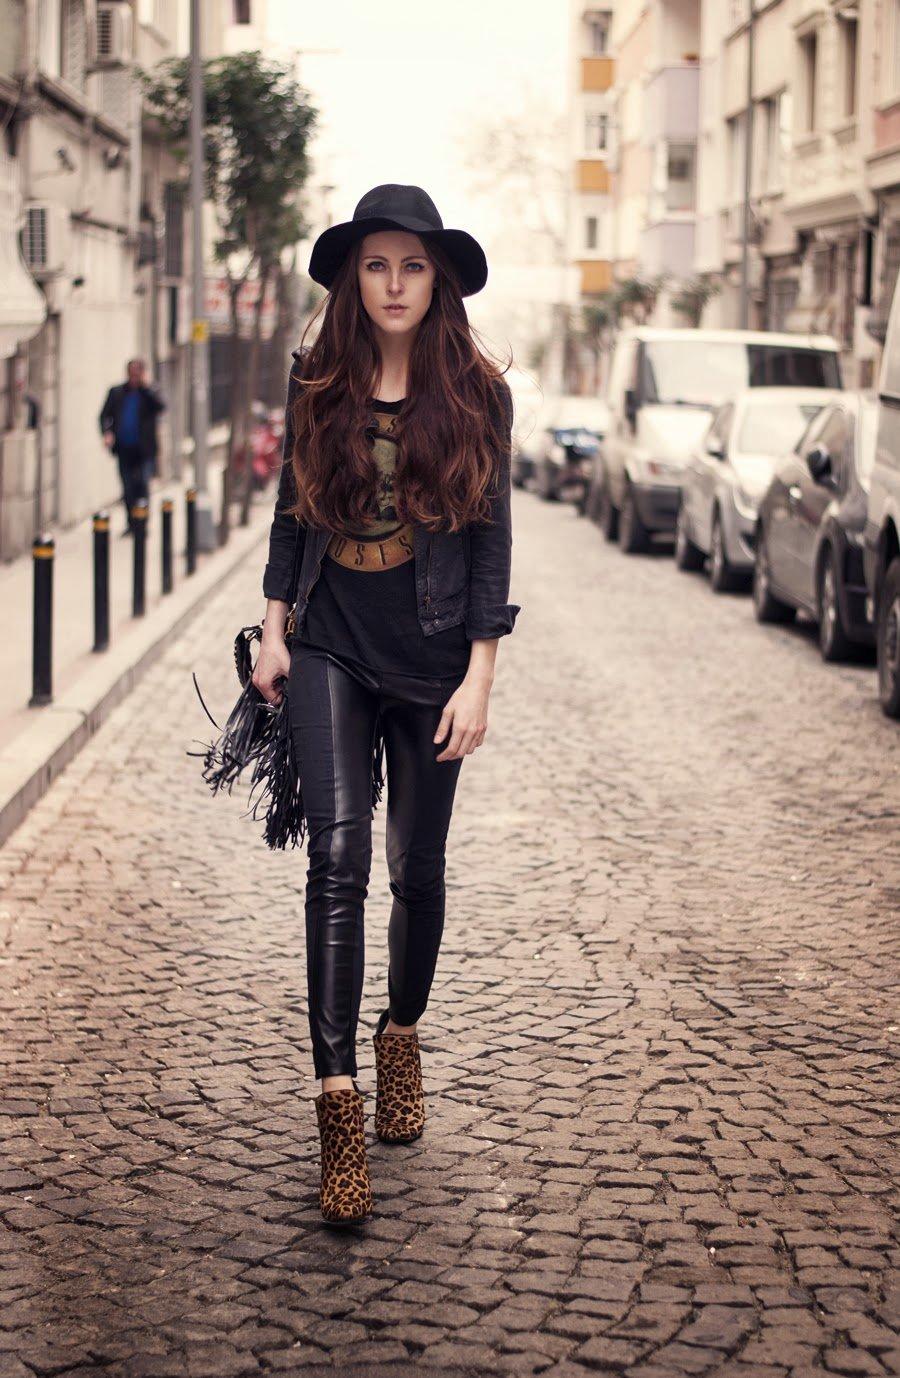 вариант стиль одежды для фотосессии на улице профессионал, визажист, претендую